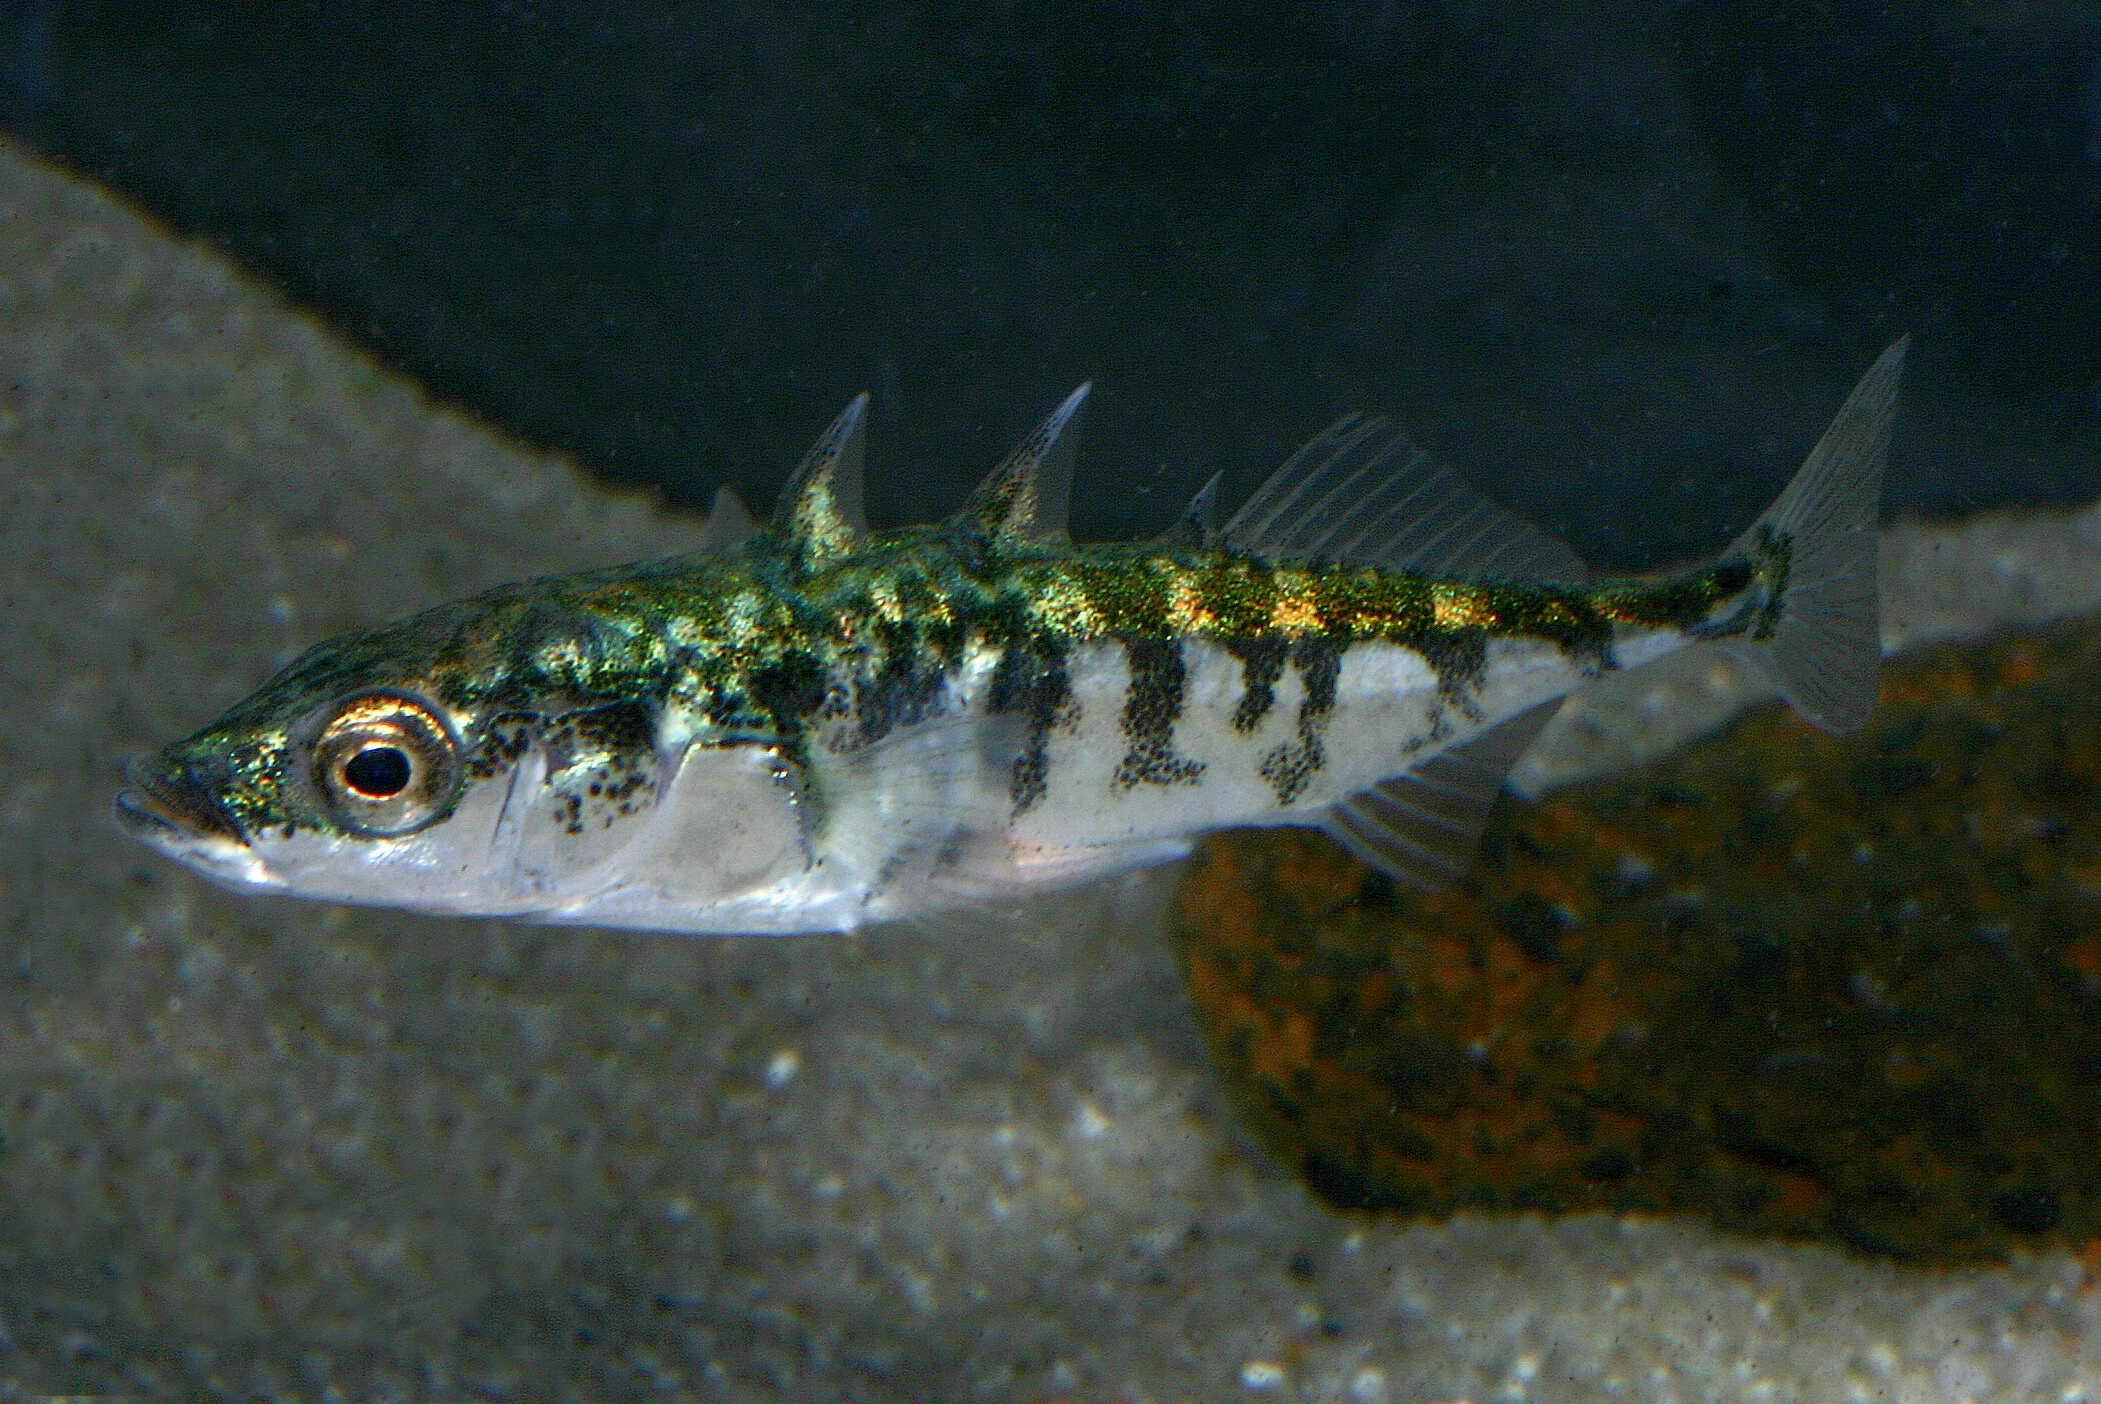 Foto: FLH. - Stichlinge sind aufgrund ihrer Balzfärbung und auch ihres Verhaltens spannende Fische, die sich gut beobachten lassen.